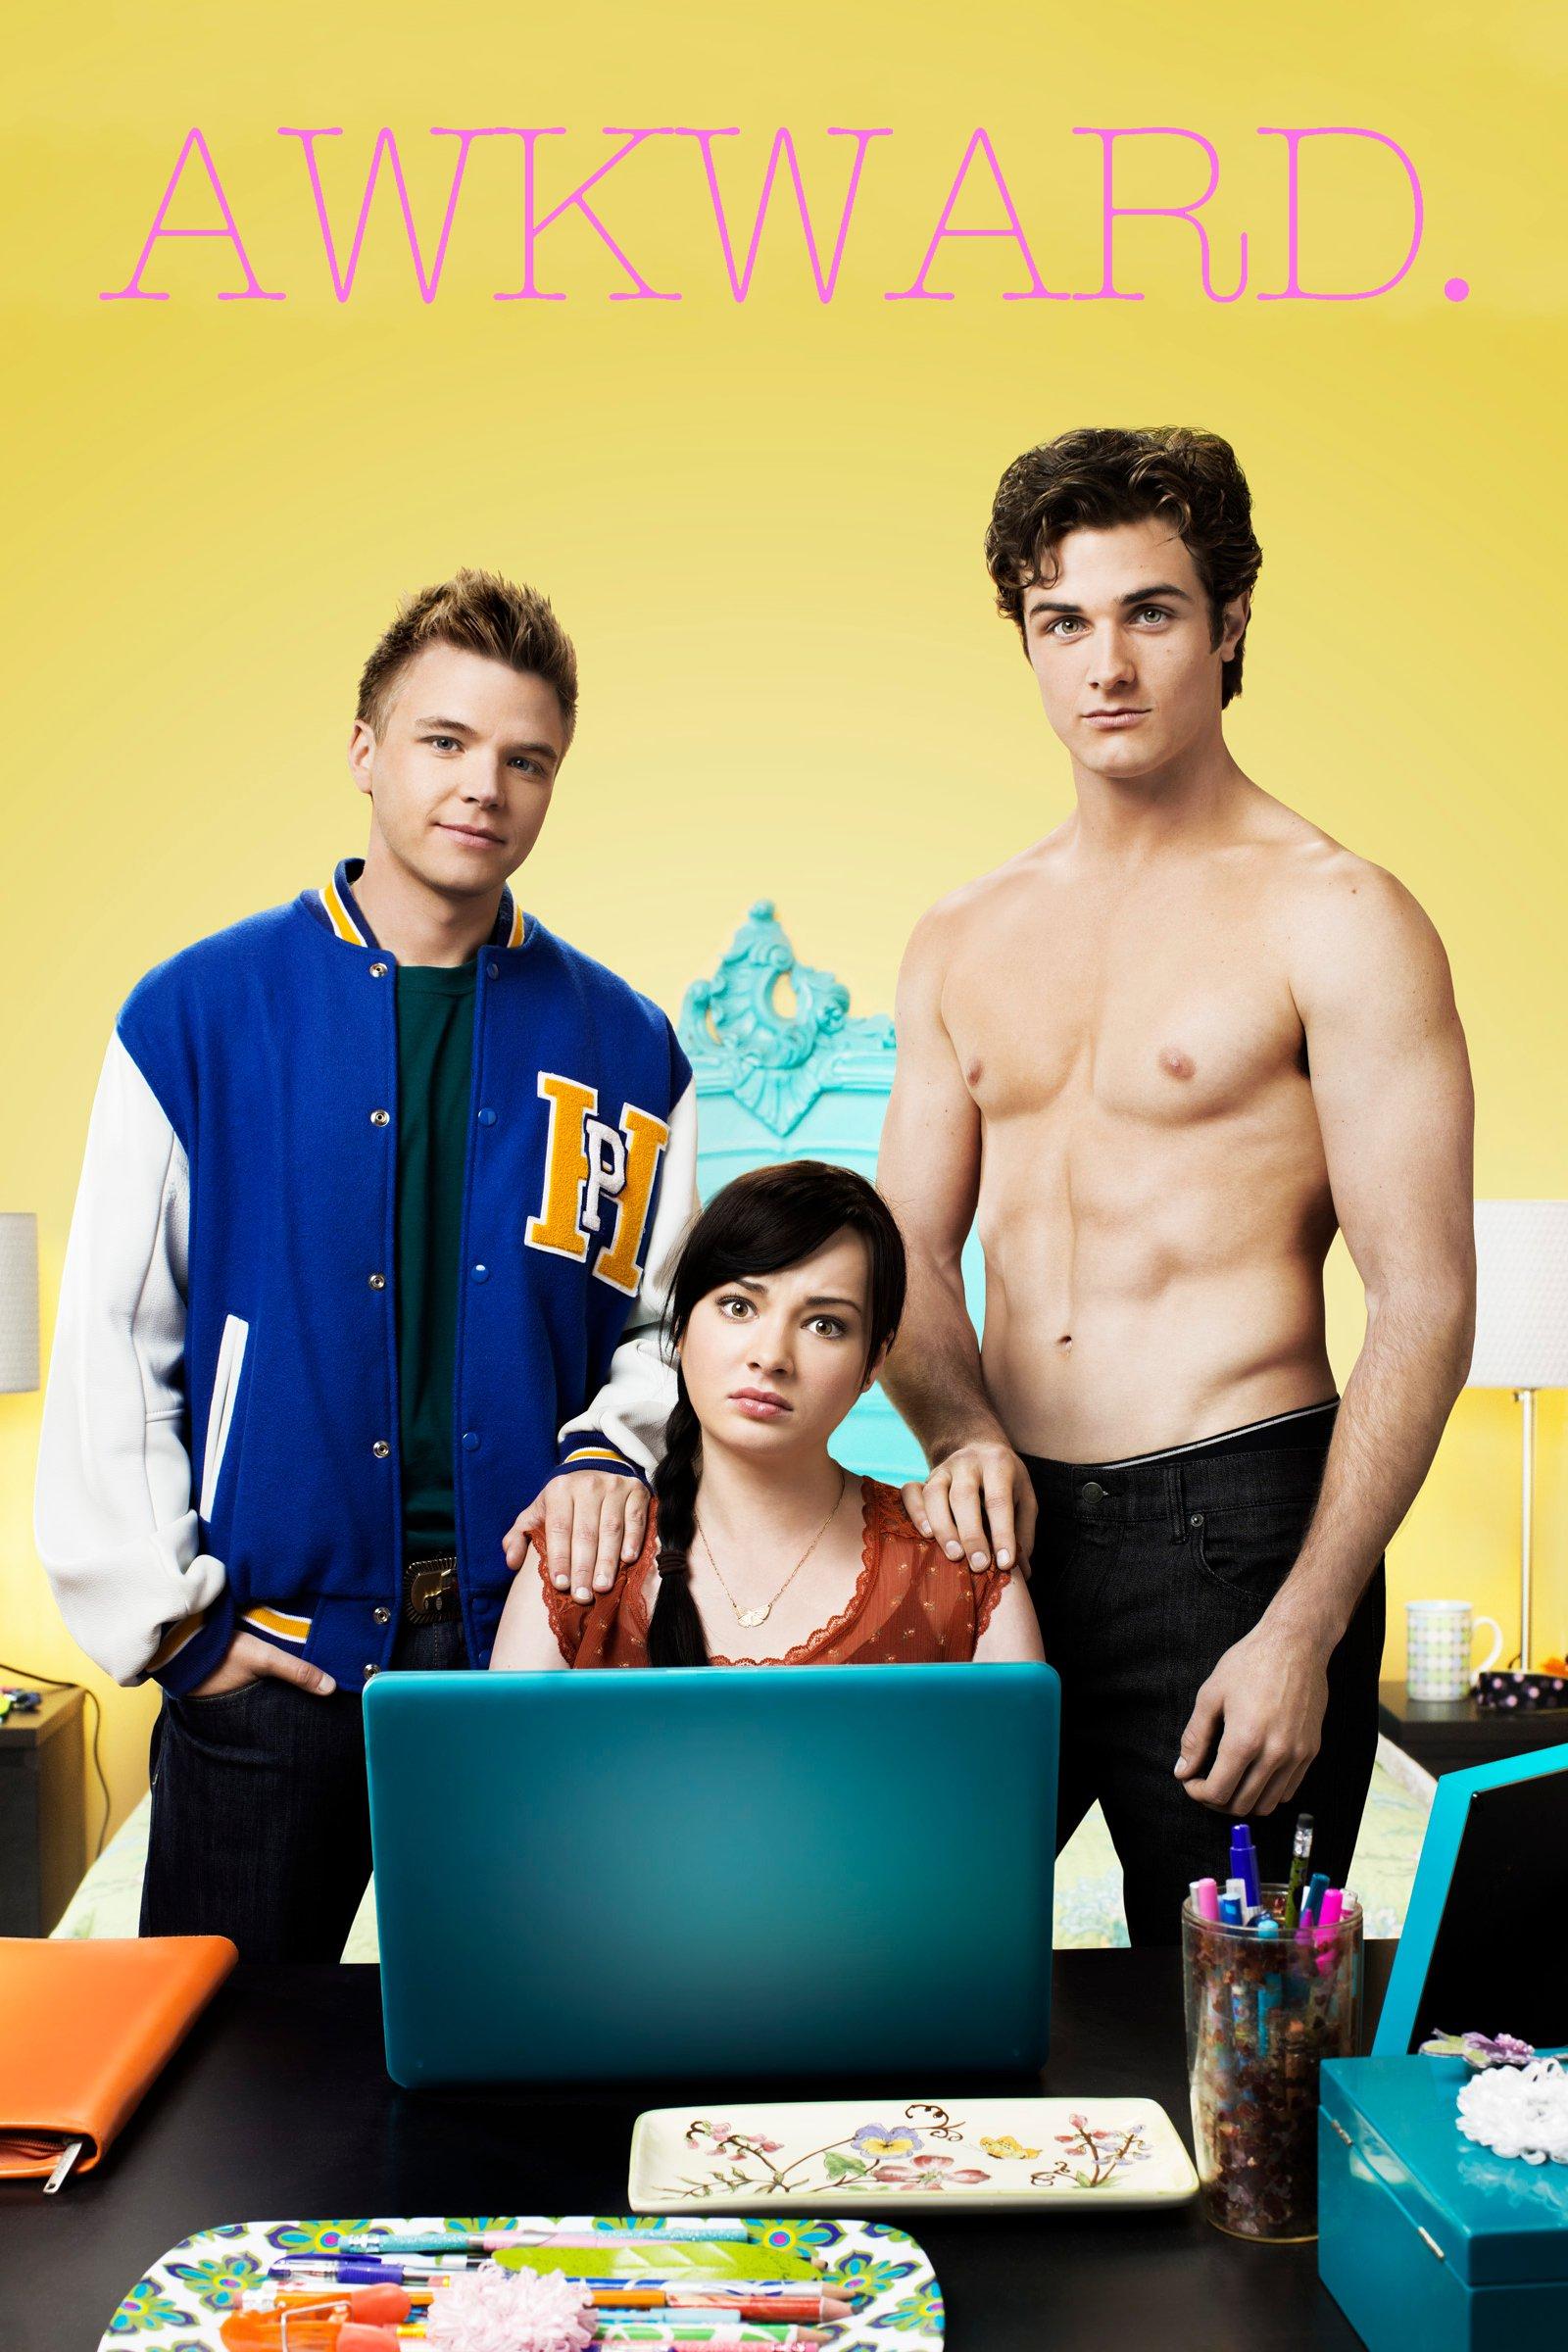 Brett Davern, Beau Mirchoff, and Ashley Rickards in Awkward. (2011)